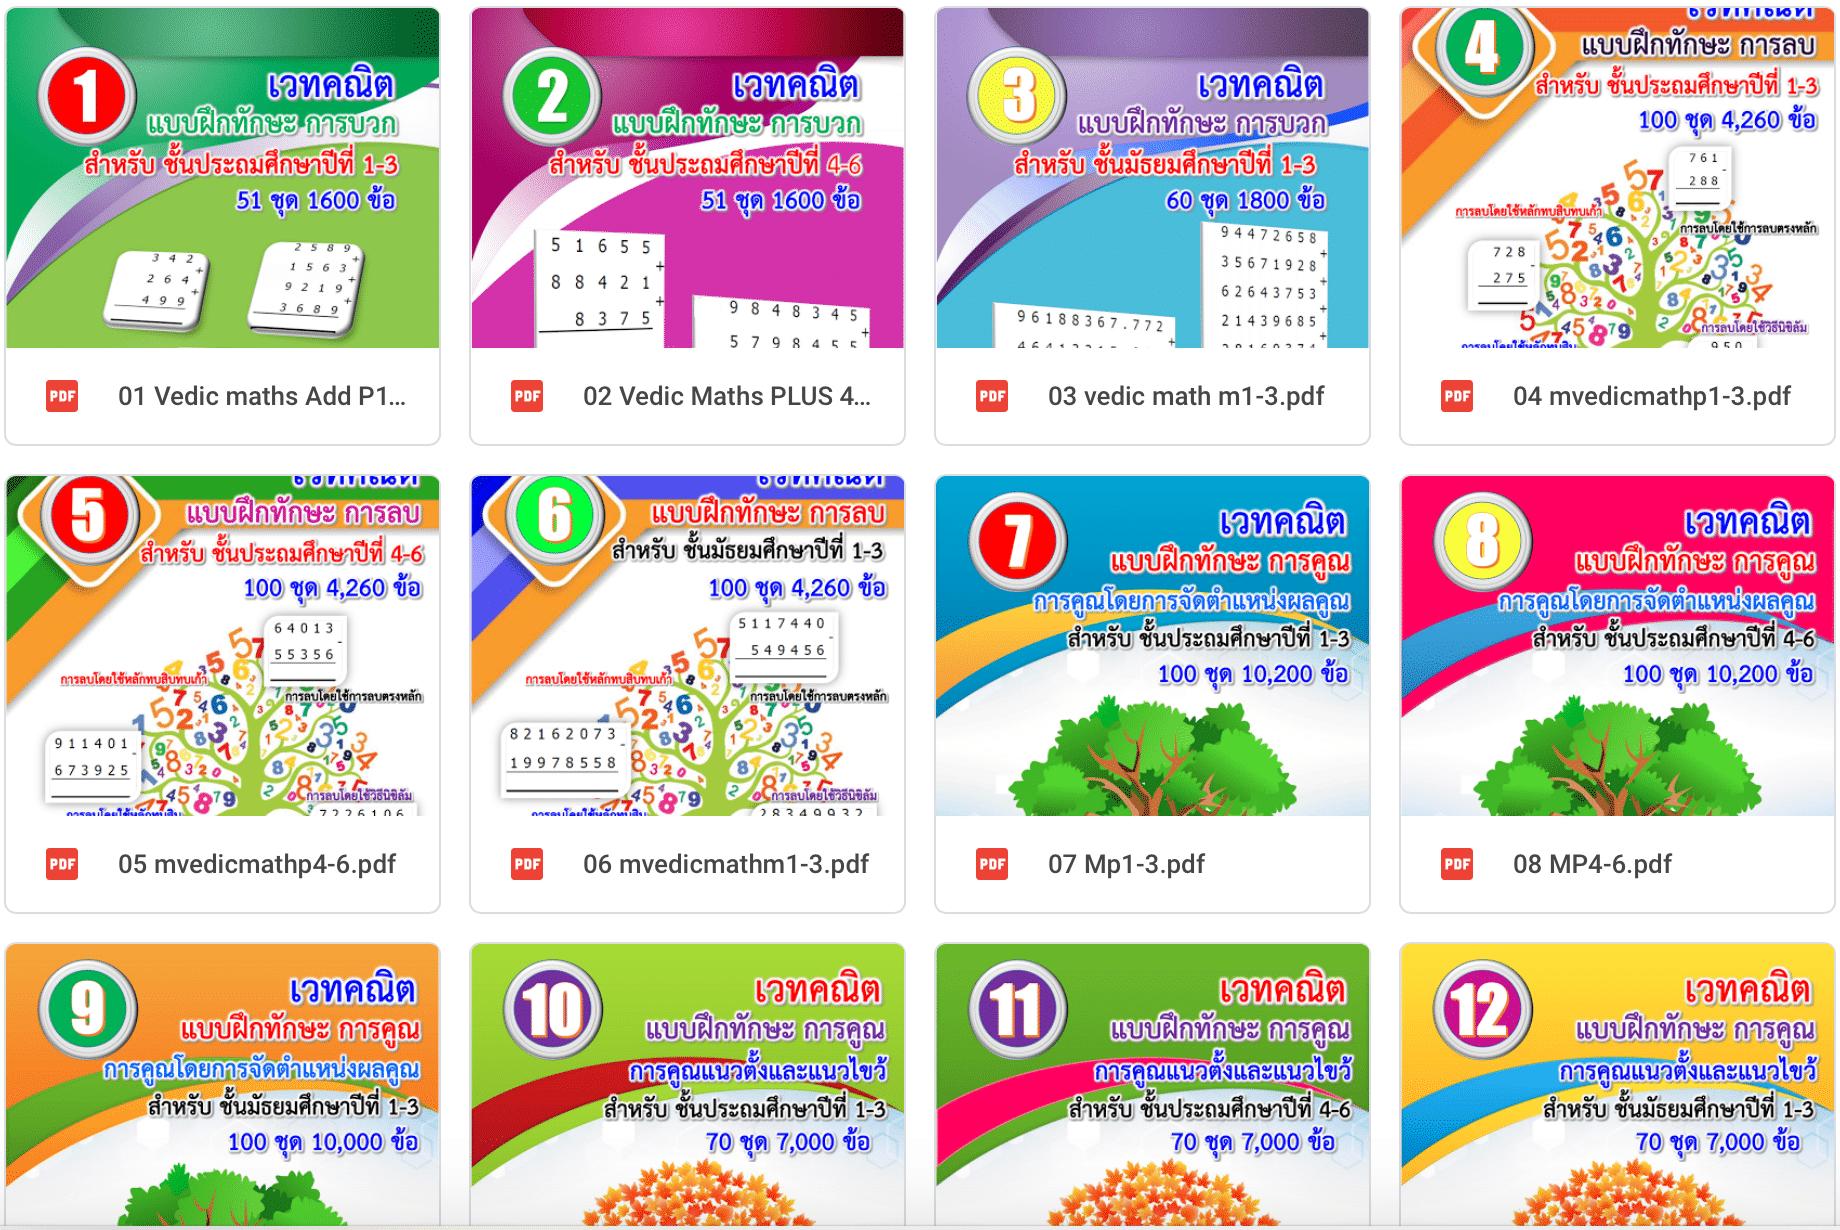 ดาวน์โหลดฟรี!! แบบฝึกทักษะเวทคณิต 23 เล่มสำหรับ ป.1-ม.3 โดยเพจ เวทคณิตออนไลน์